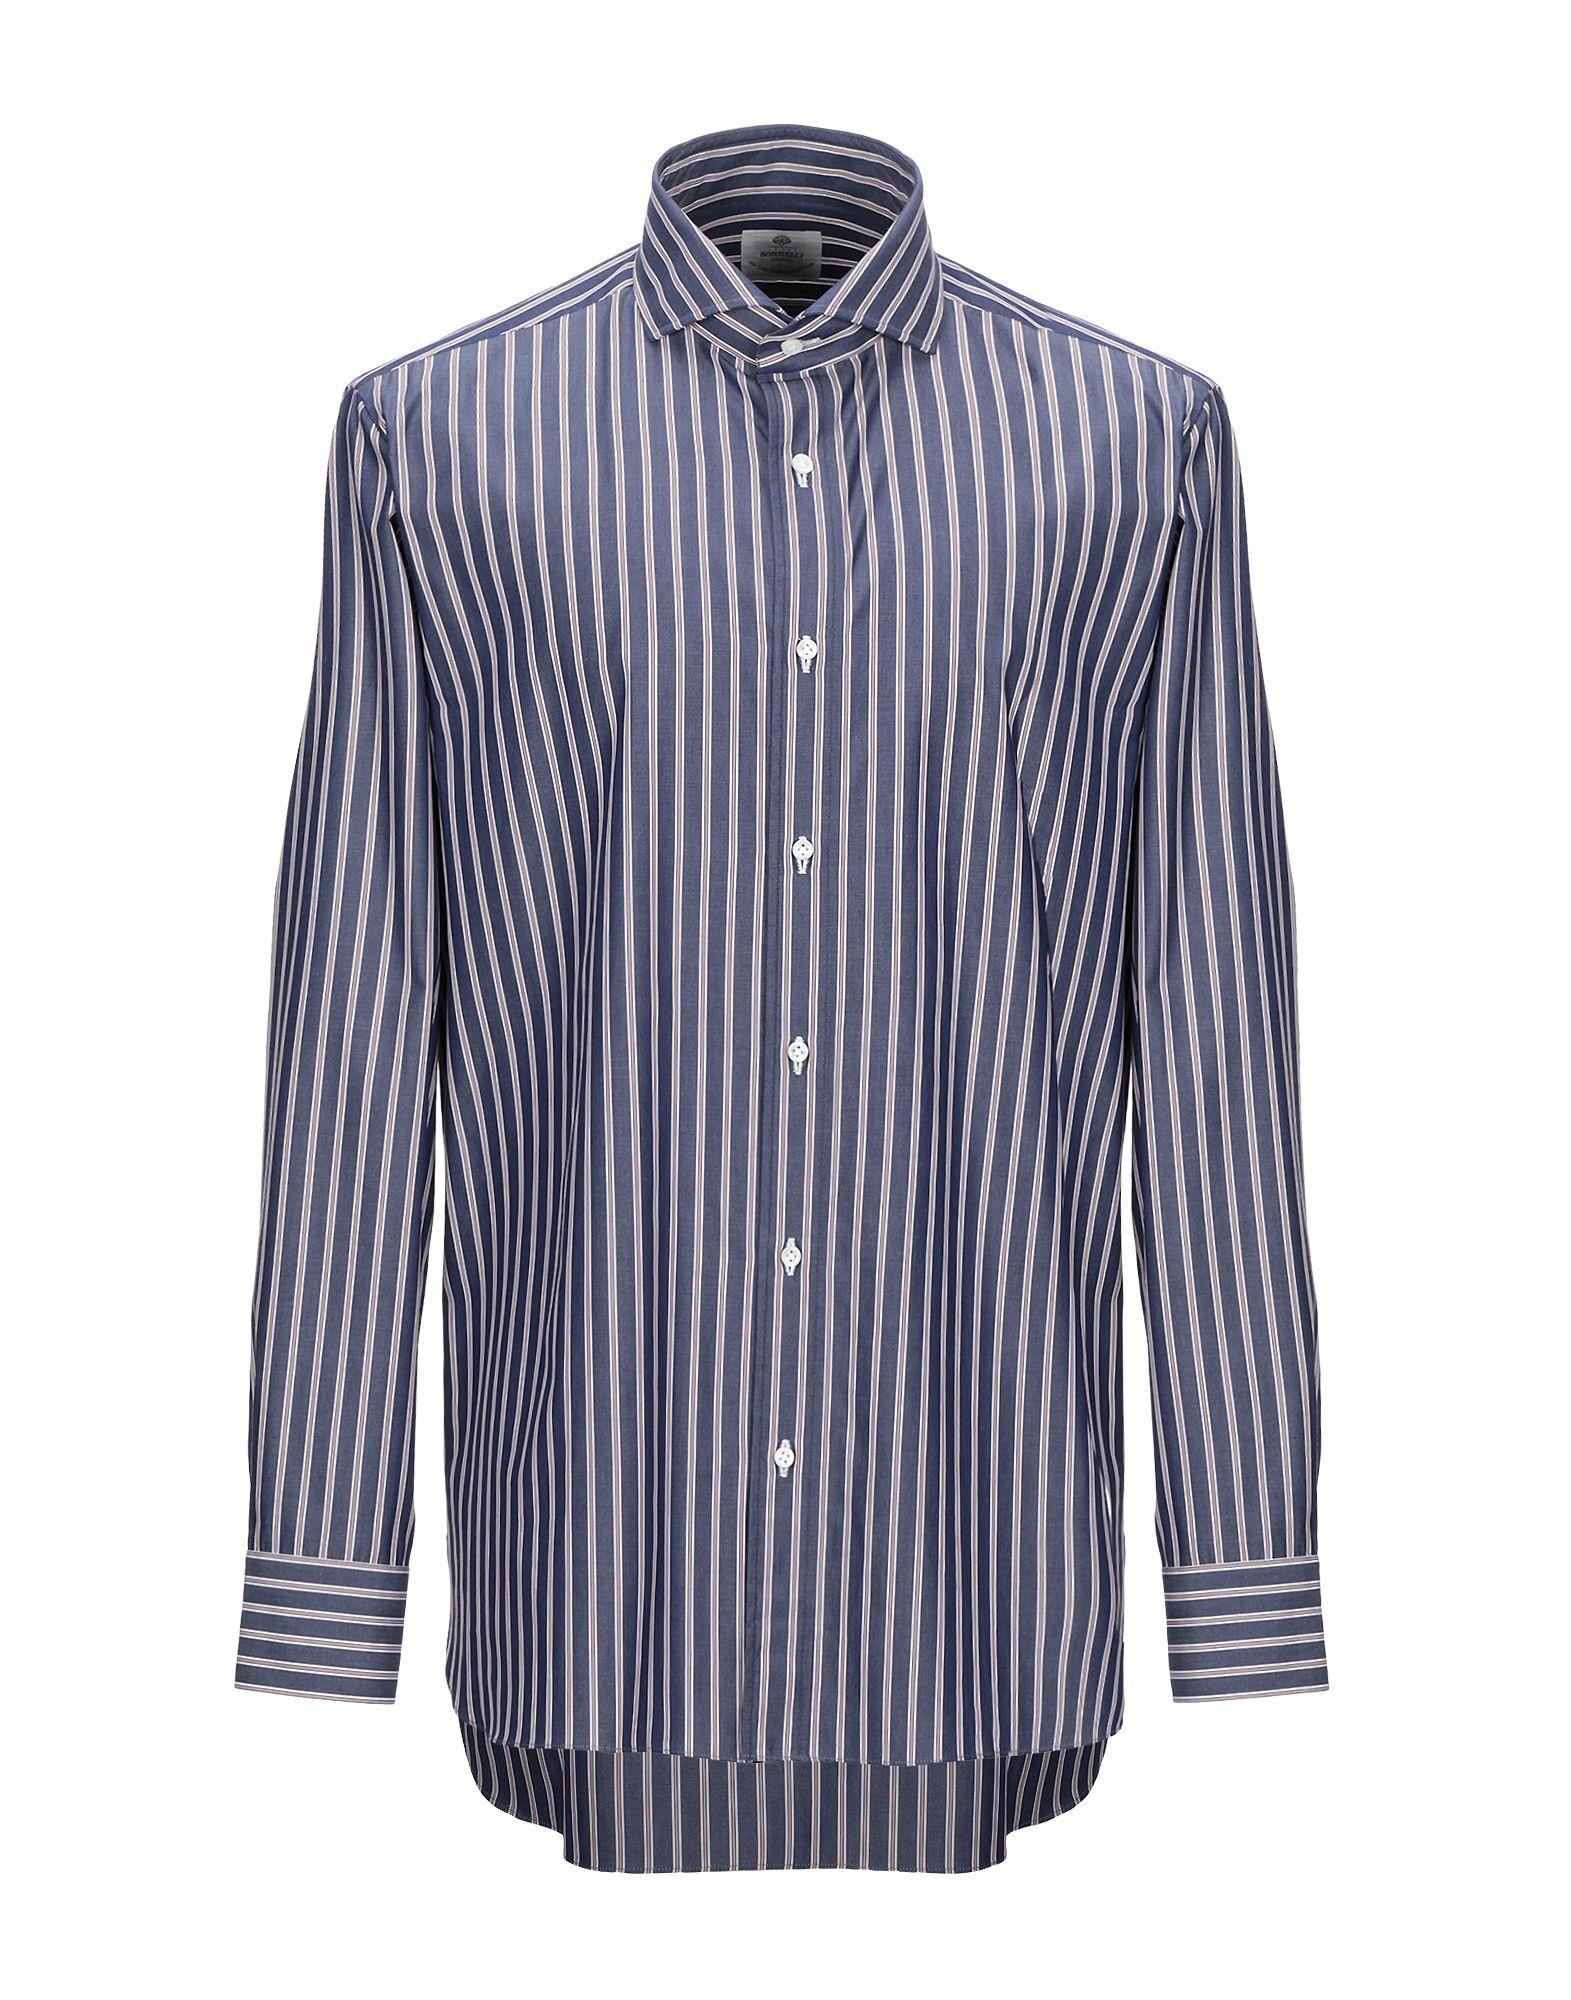 Luigi Borrelli Napoli Blue Stripe Cotton Shirt